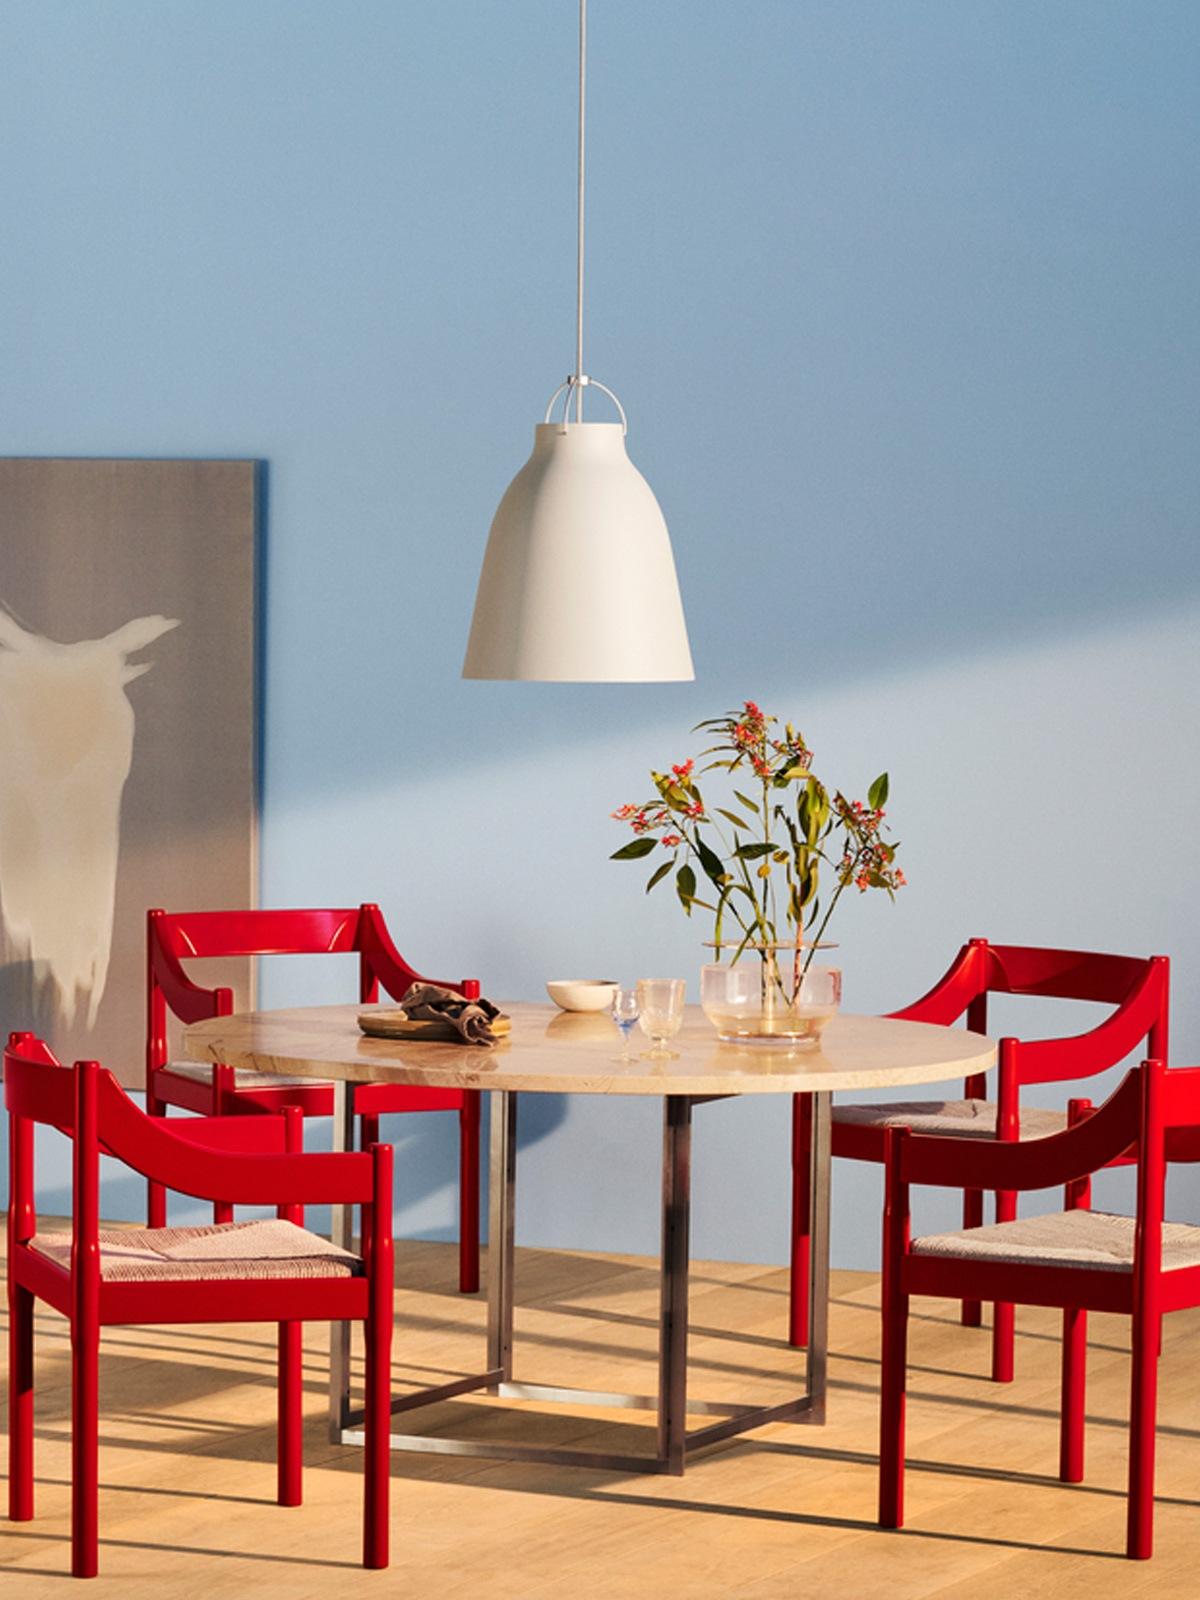 Caravaggio Pendelleuchte Fritz Hansen Leuchte DesignOrt Berlin Onlineshop Lampen